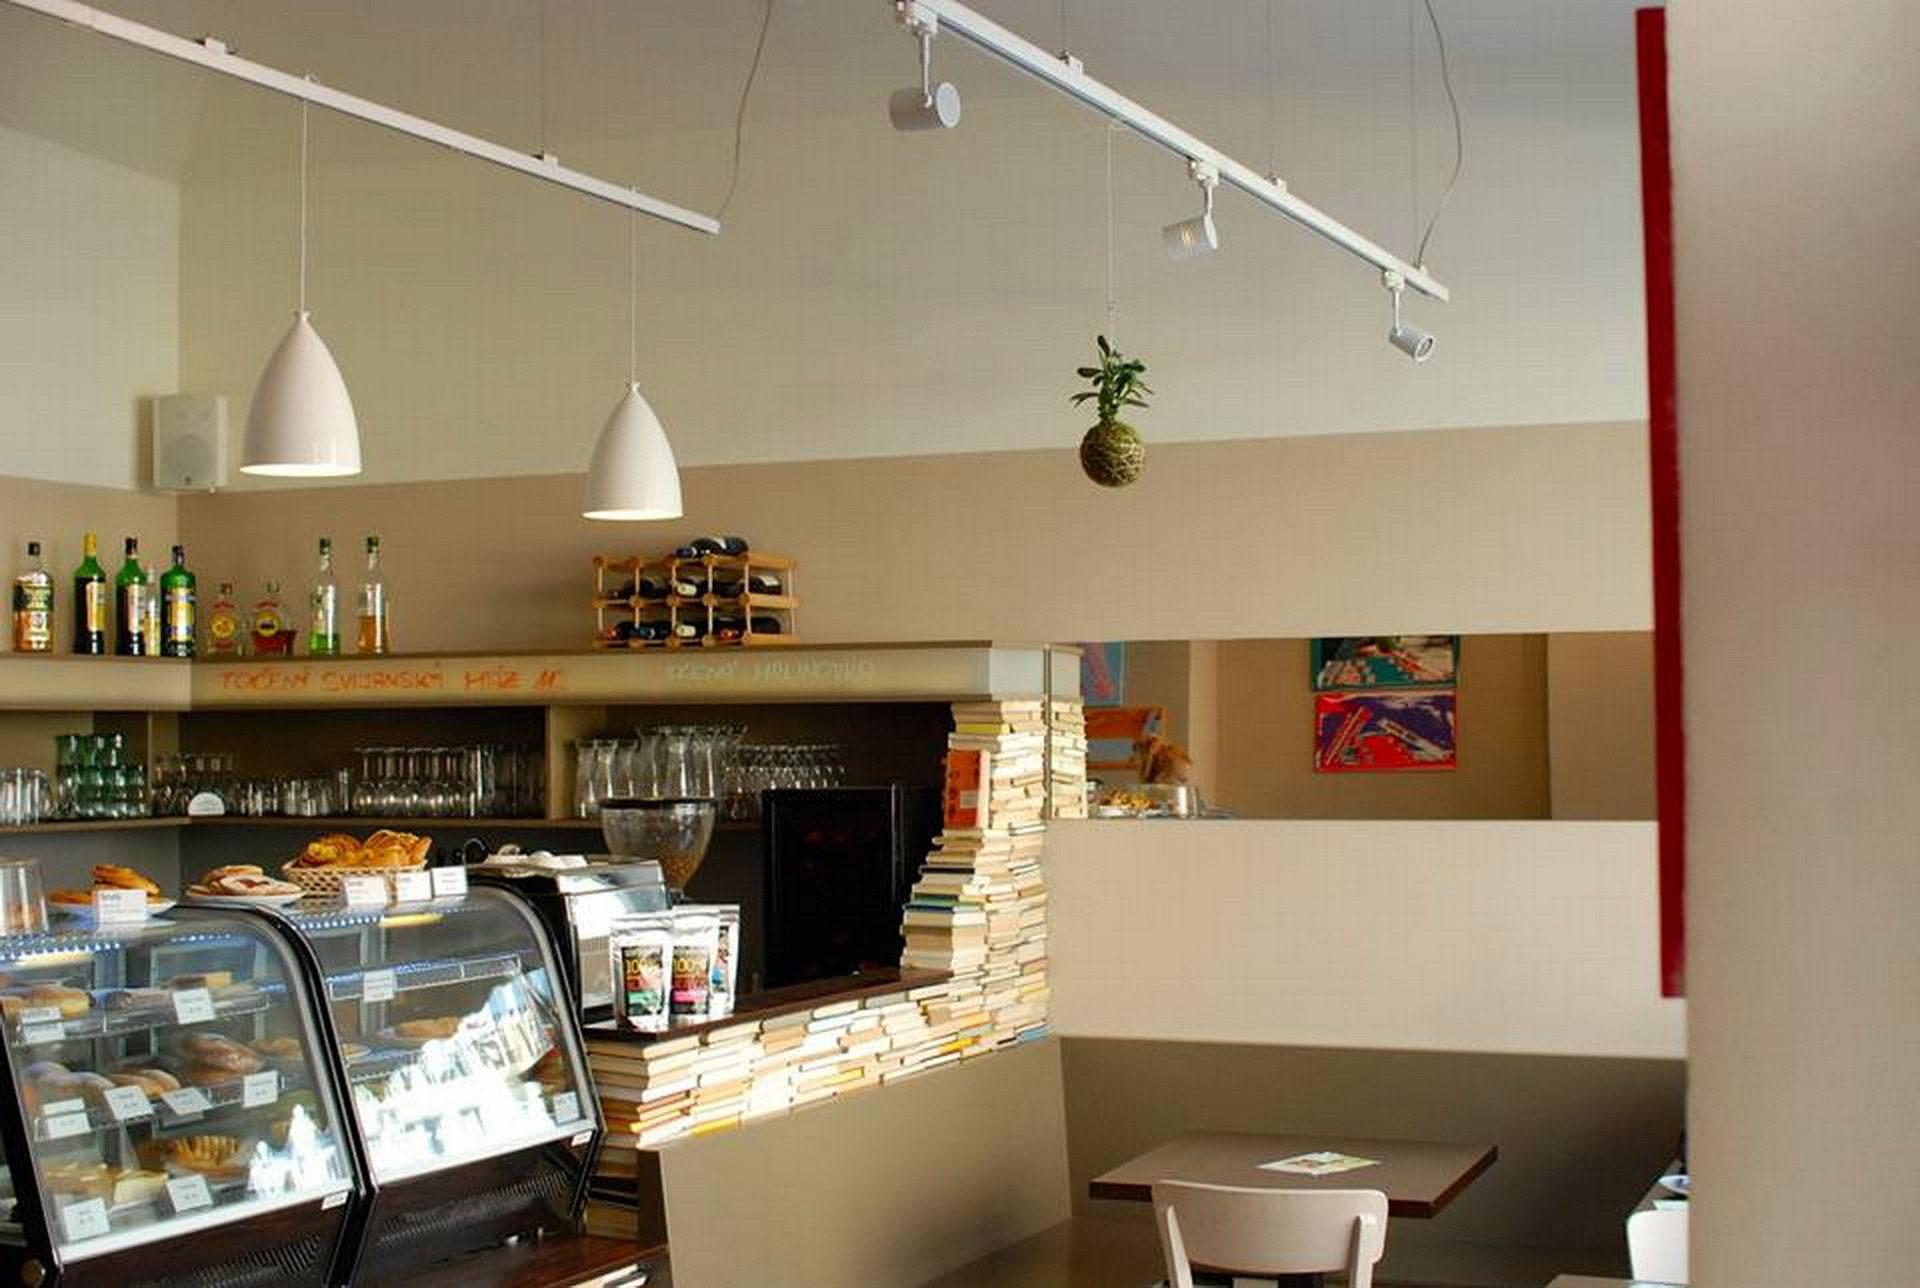 Bezprahová kavárna 5